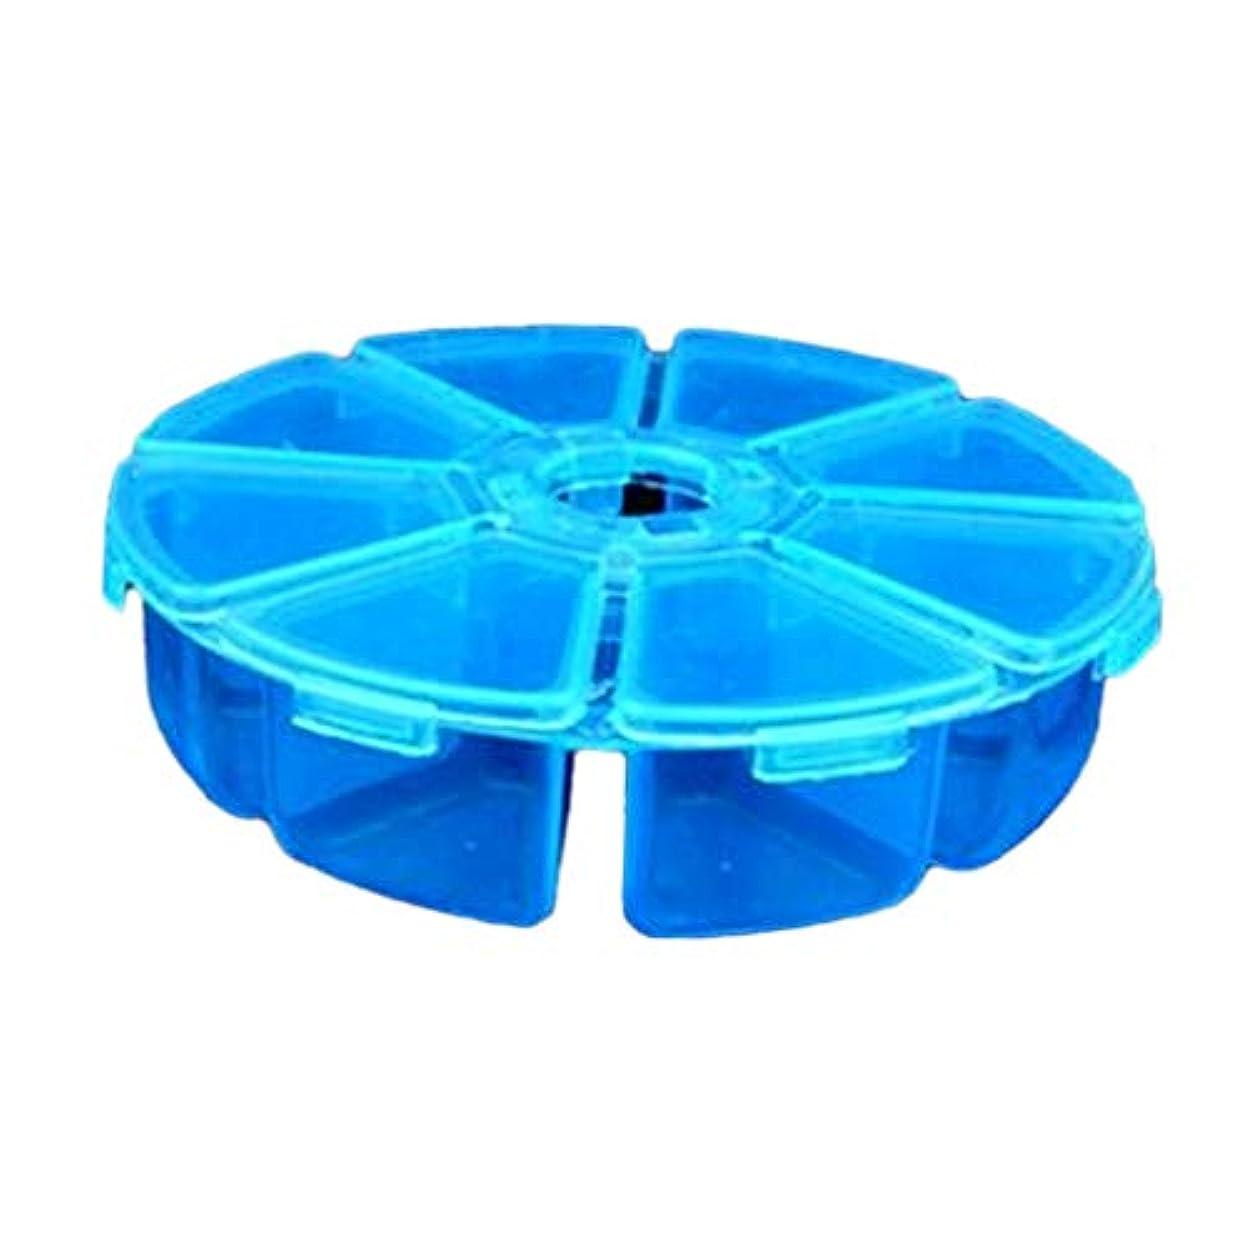 歌う高尚なアルミニウムDYNWAVE ネイルアート オーガナイザー 収納 ボックス 8コンパートメント 仕切り プラスチック 全4色 - ブルー